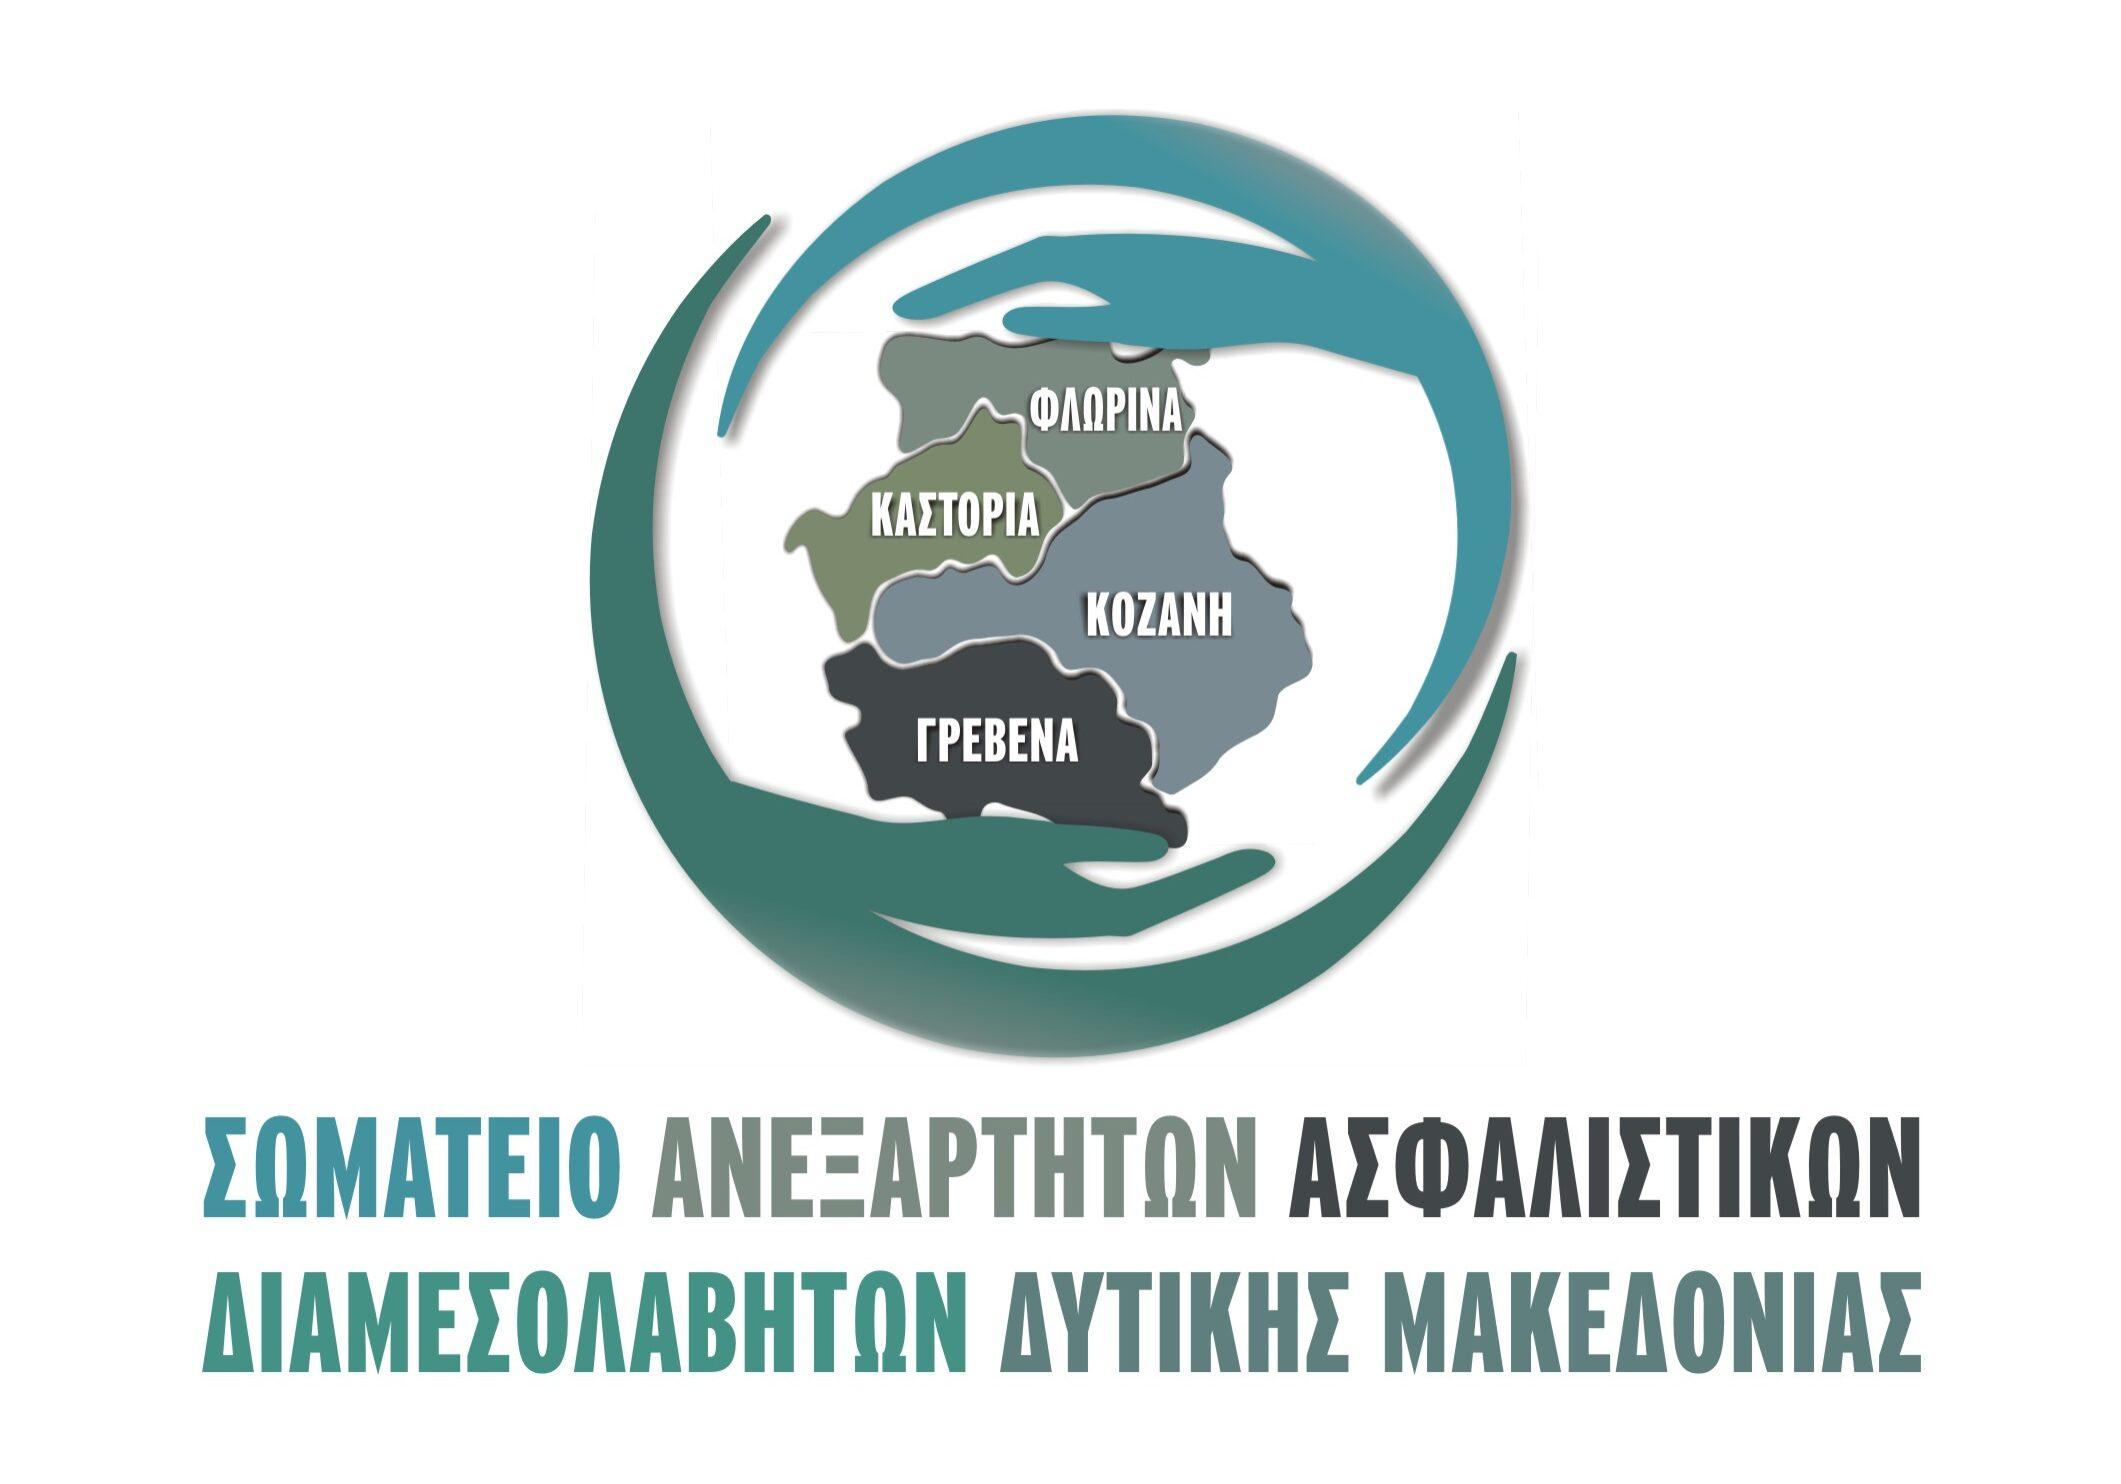 ΣΩΜΑΤΕΙΟ-ΑΣΦΑΛΙΣΤΙΚΩΝ-ΔΙΑΜΕΣΟΛΑΒΗΤΩΝ